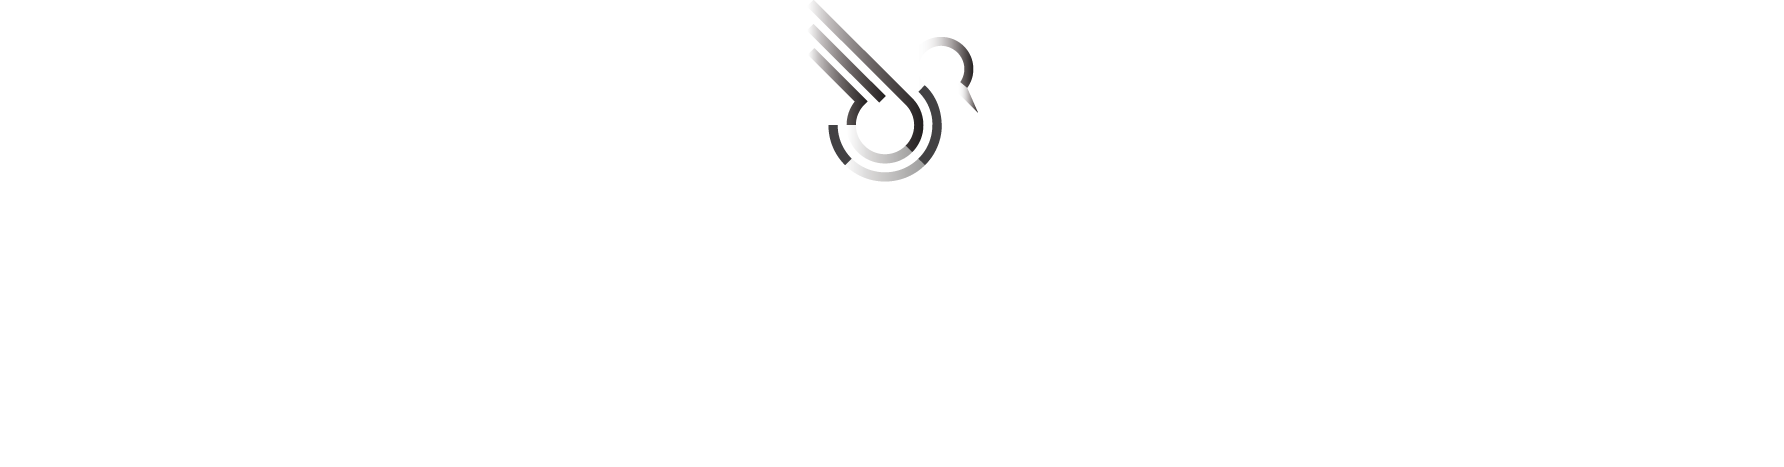 Foulques Couvreur Filmmaker